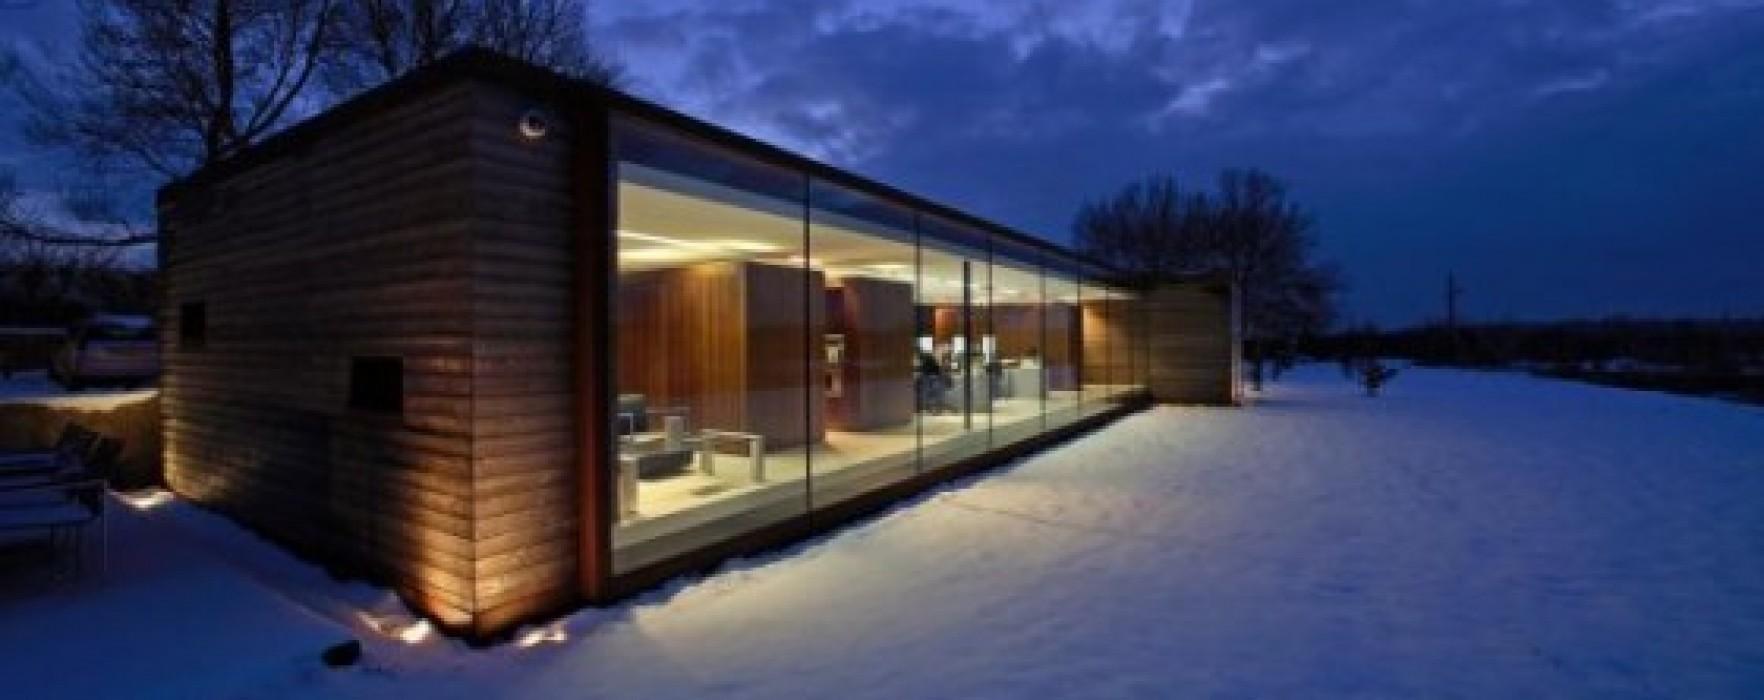 Iva e case prefabbricate for Durata case in legno